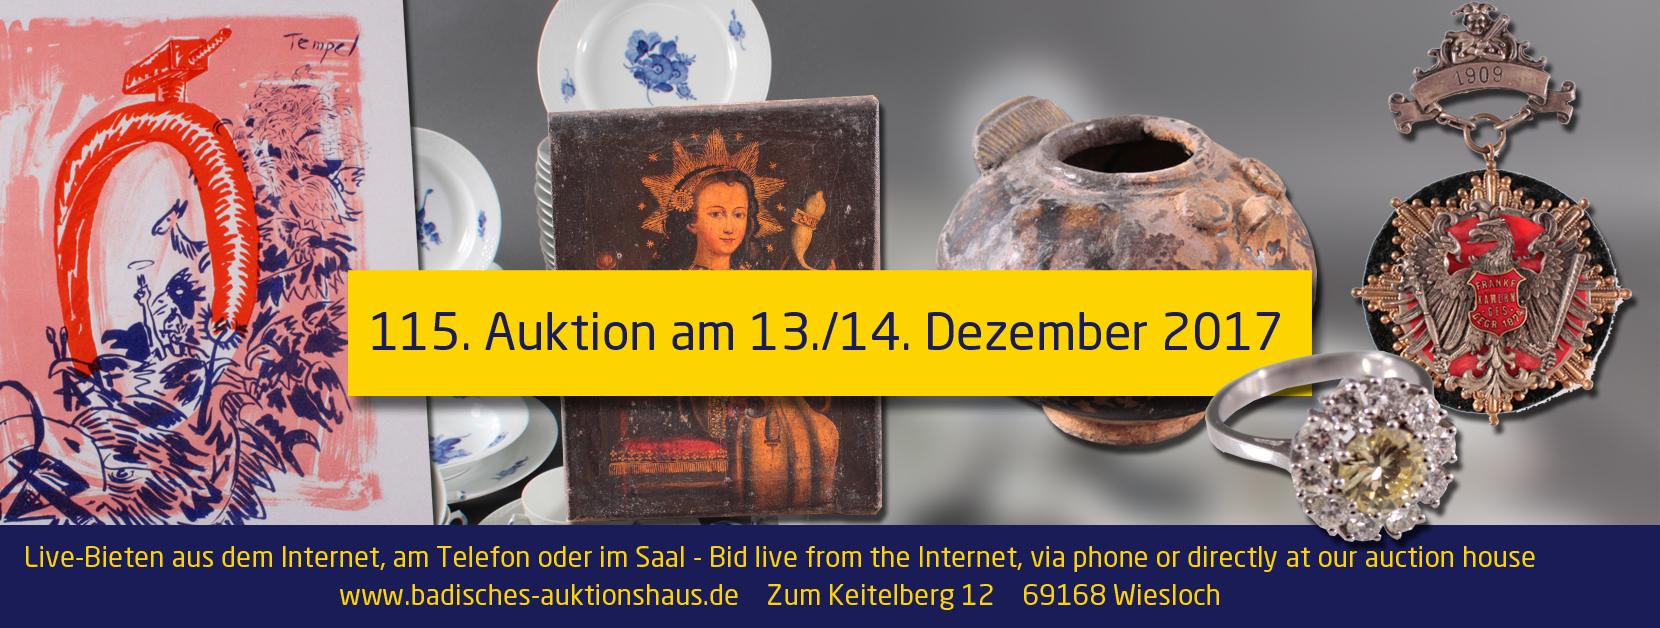 115. Auktion des Badischen Auktionshaus